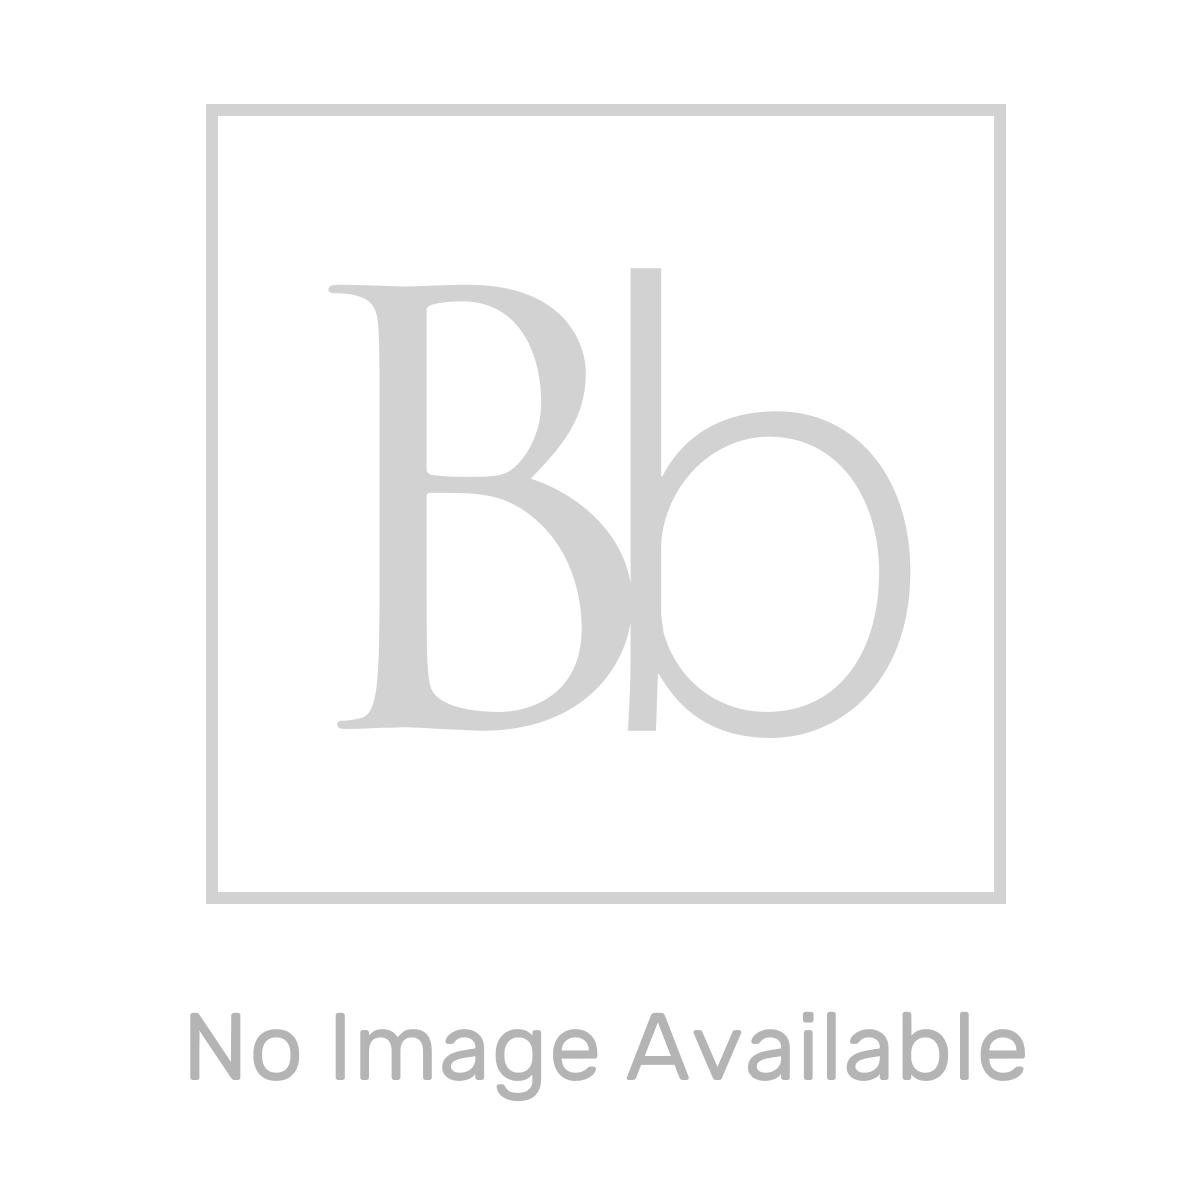 Reina Artena Polished Double Panel Steel Radiator 590 x 400mm